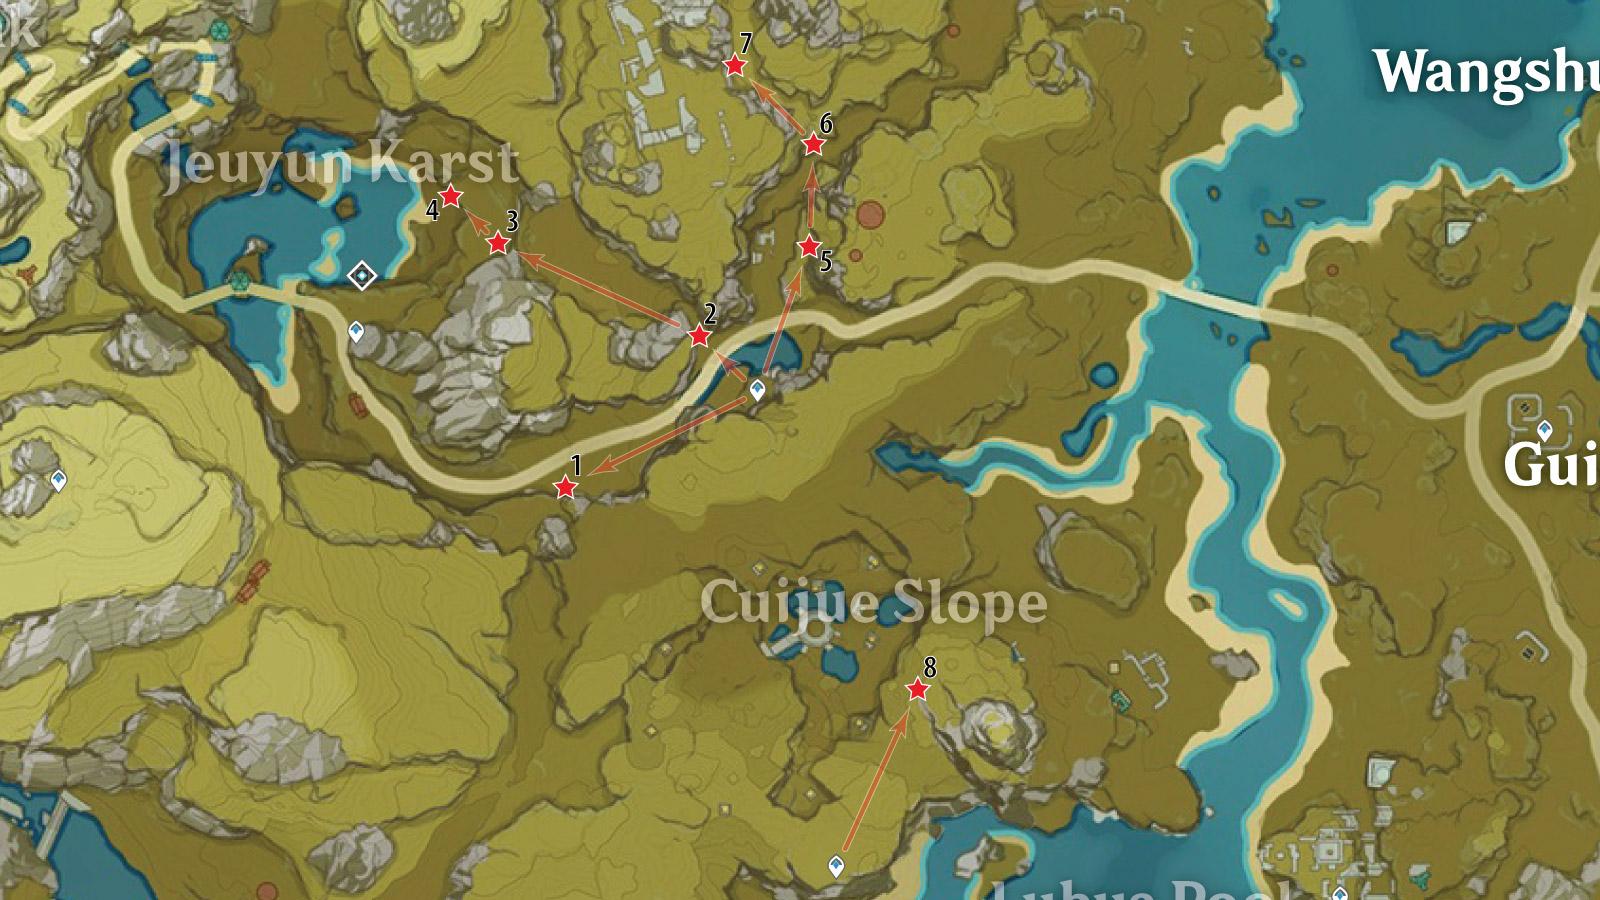 Jeuyun Karst White Iron Farm Route